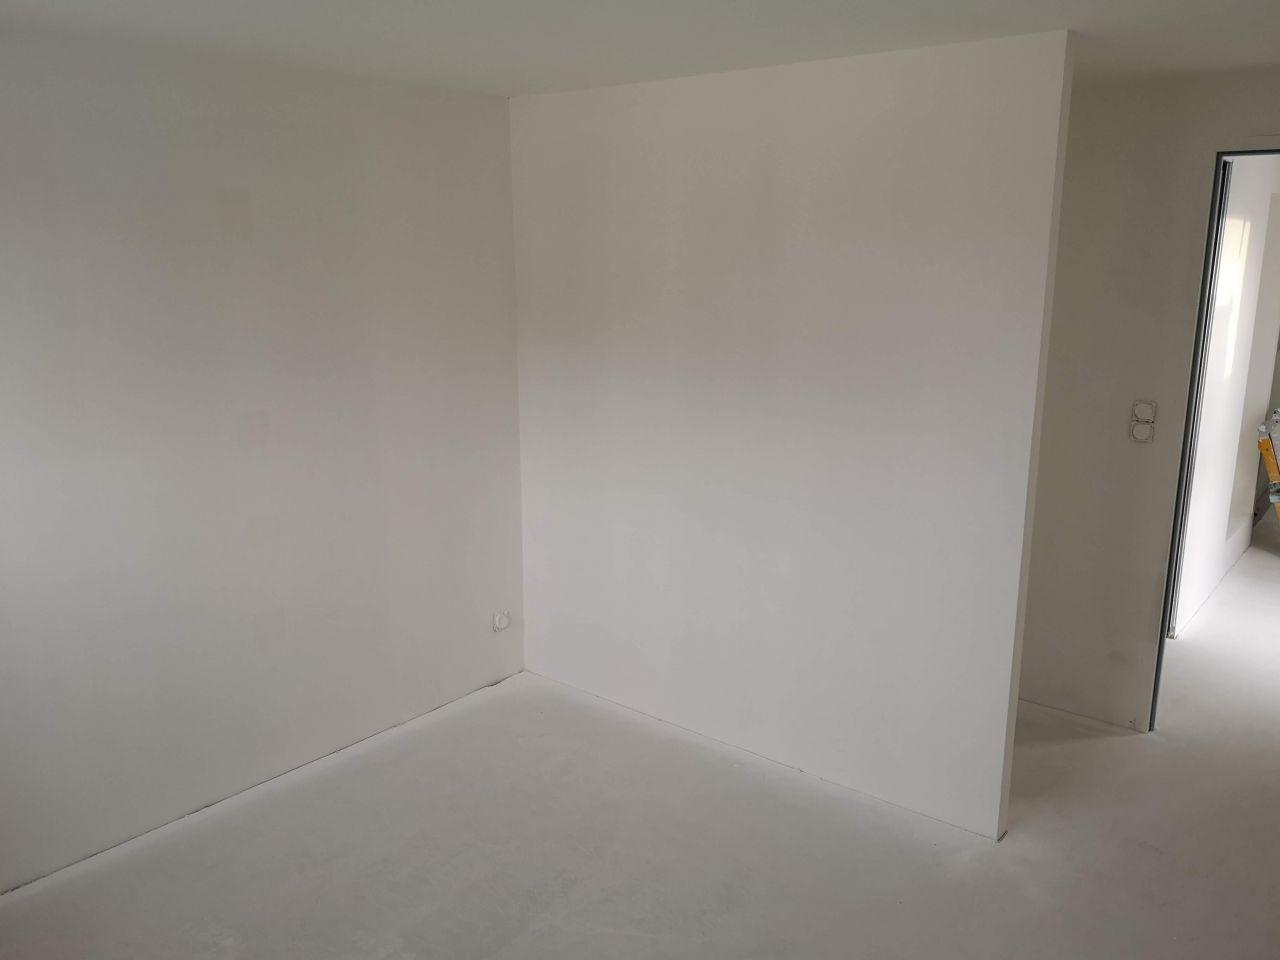 Sous-couche des chambres de l'étage